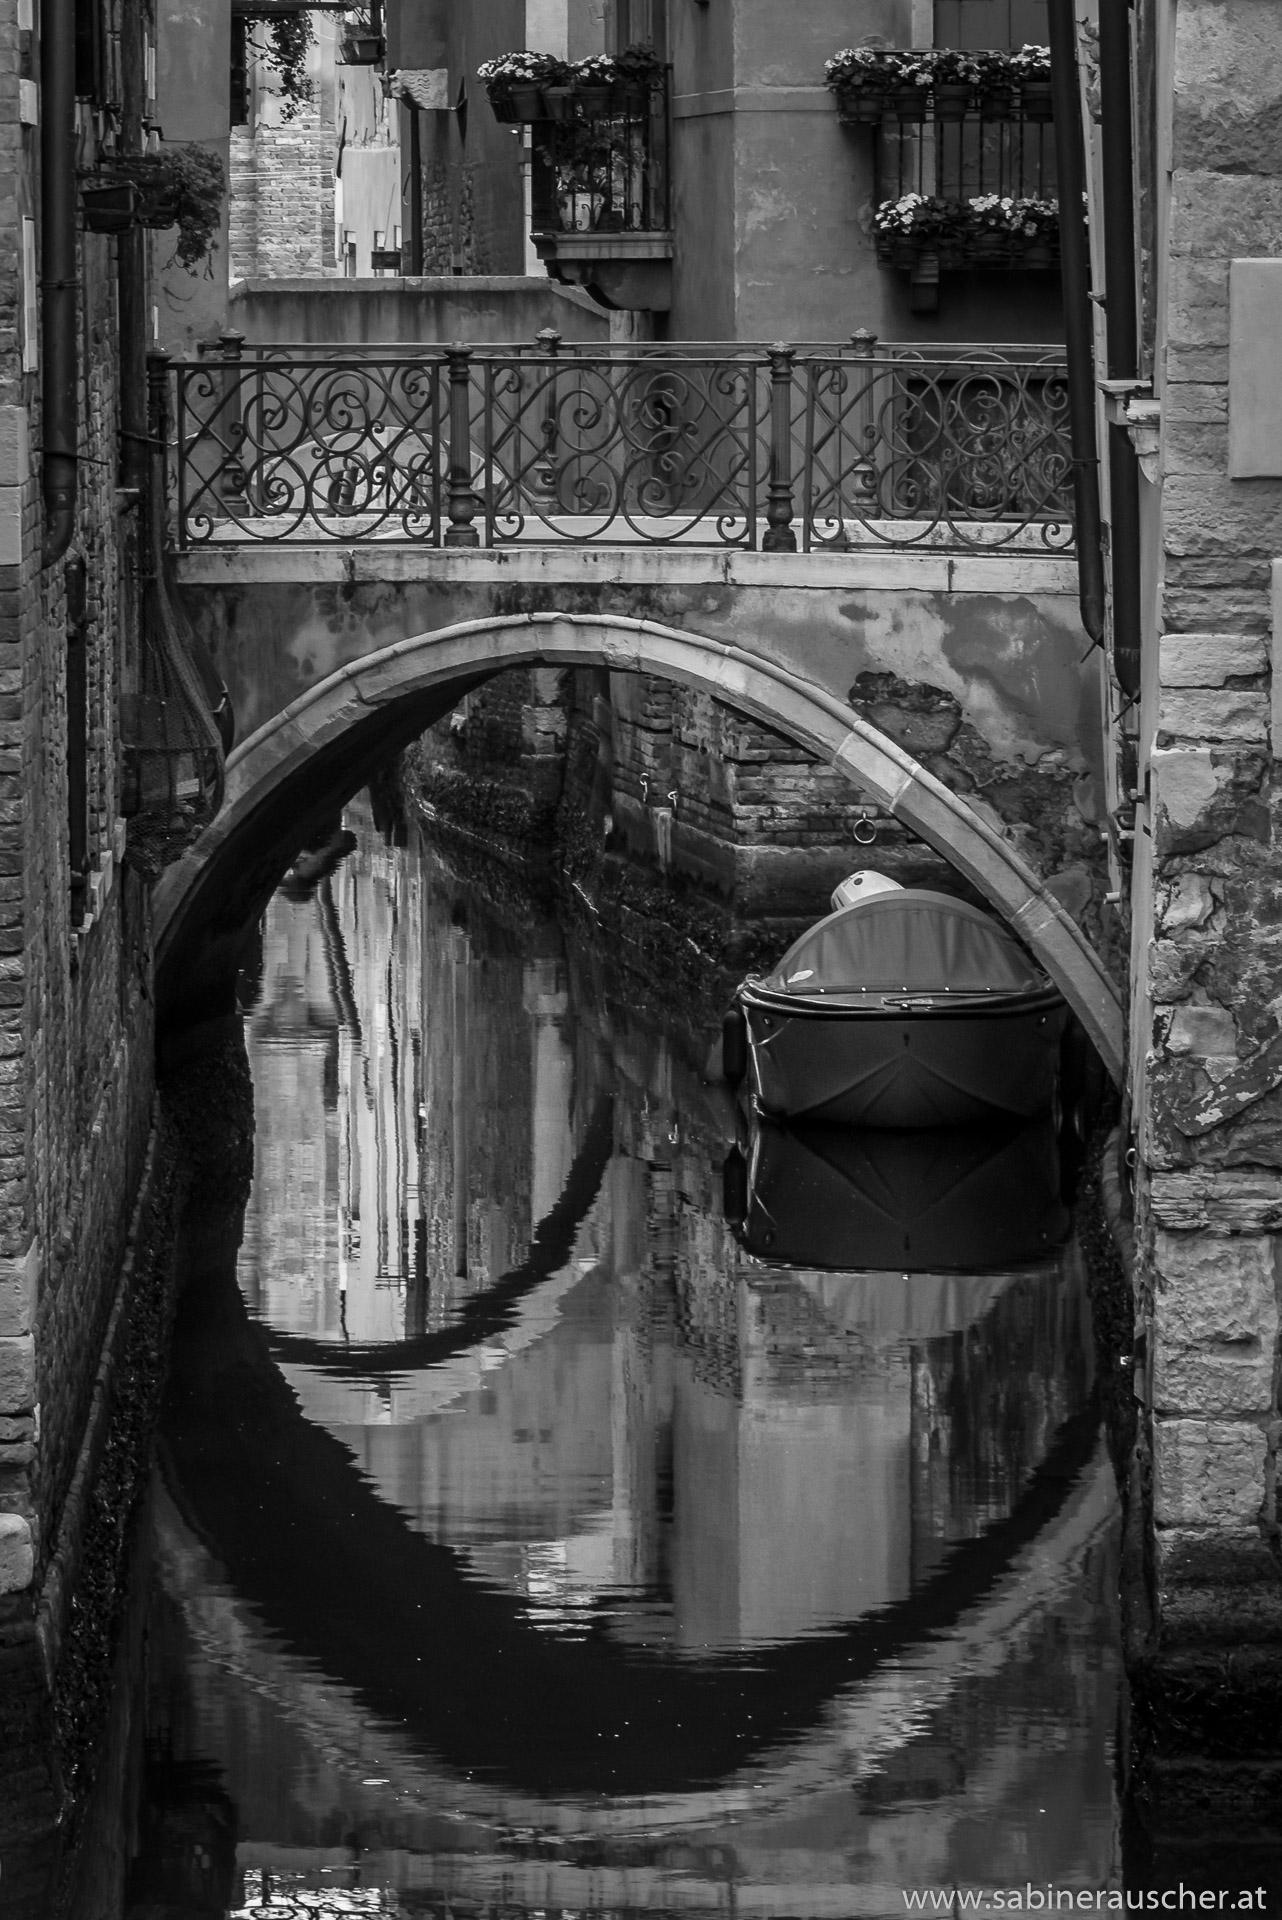 Venice - mirrowed bridges in small channel | Venedig - im Wasser sind spiegelnde Brücken